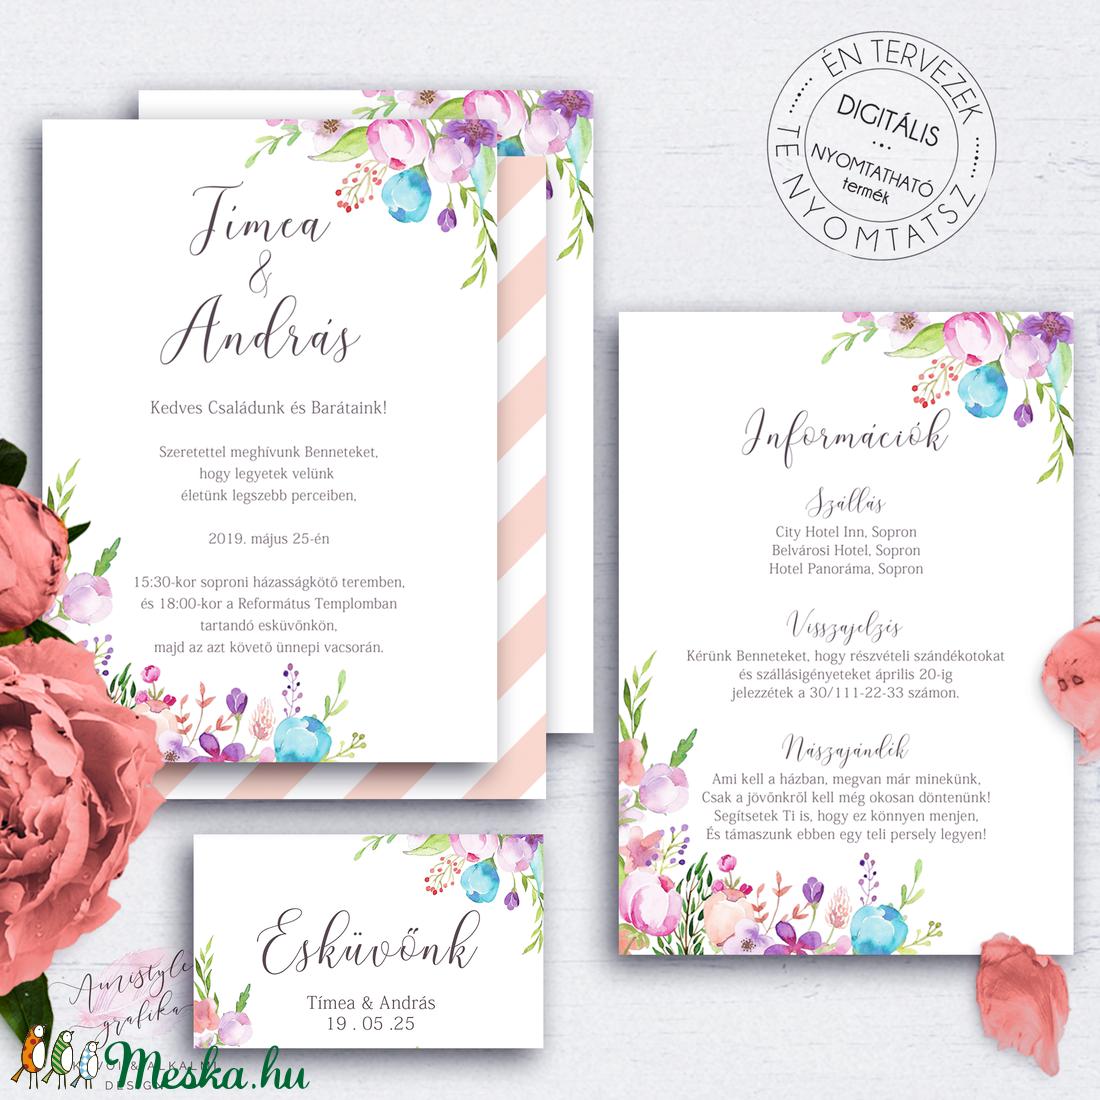 letölthető képek esküvői meghívóra Digitálsi Esküvői Meghívó   MuzicaDL letölthető képek esküvői meghívóra